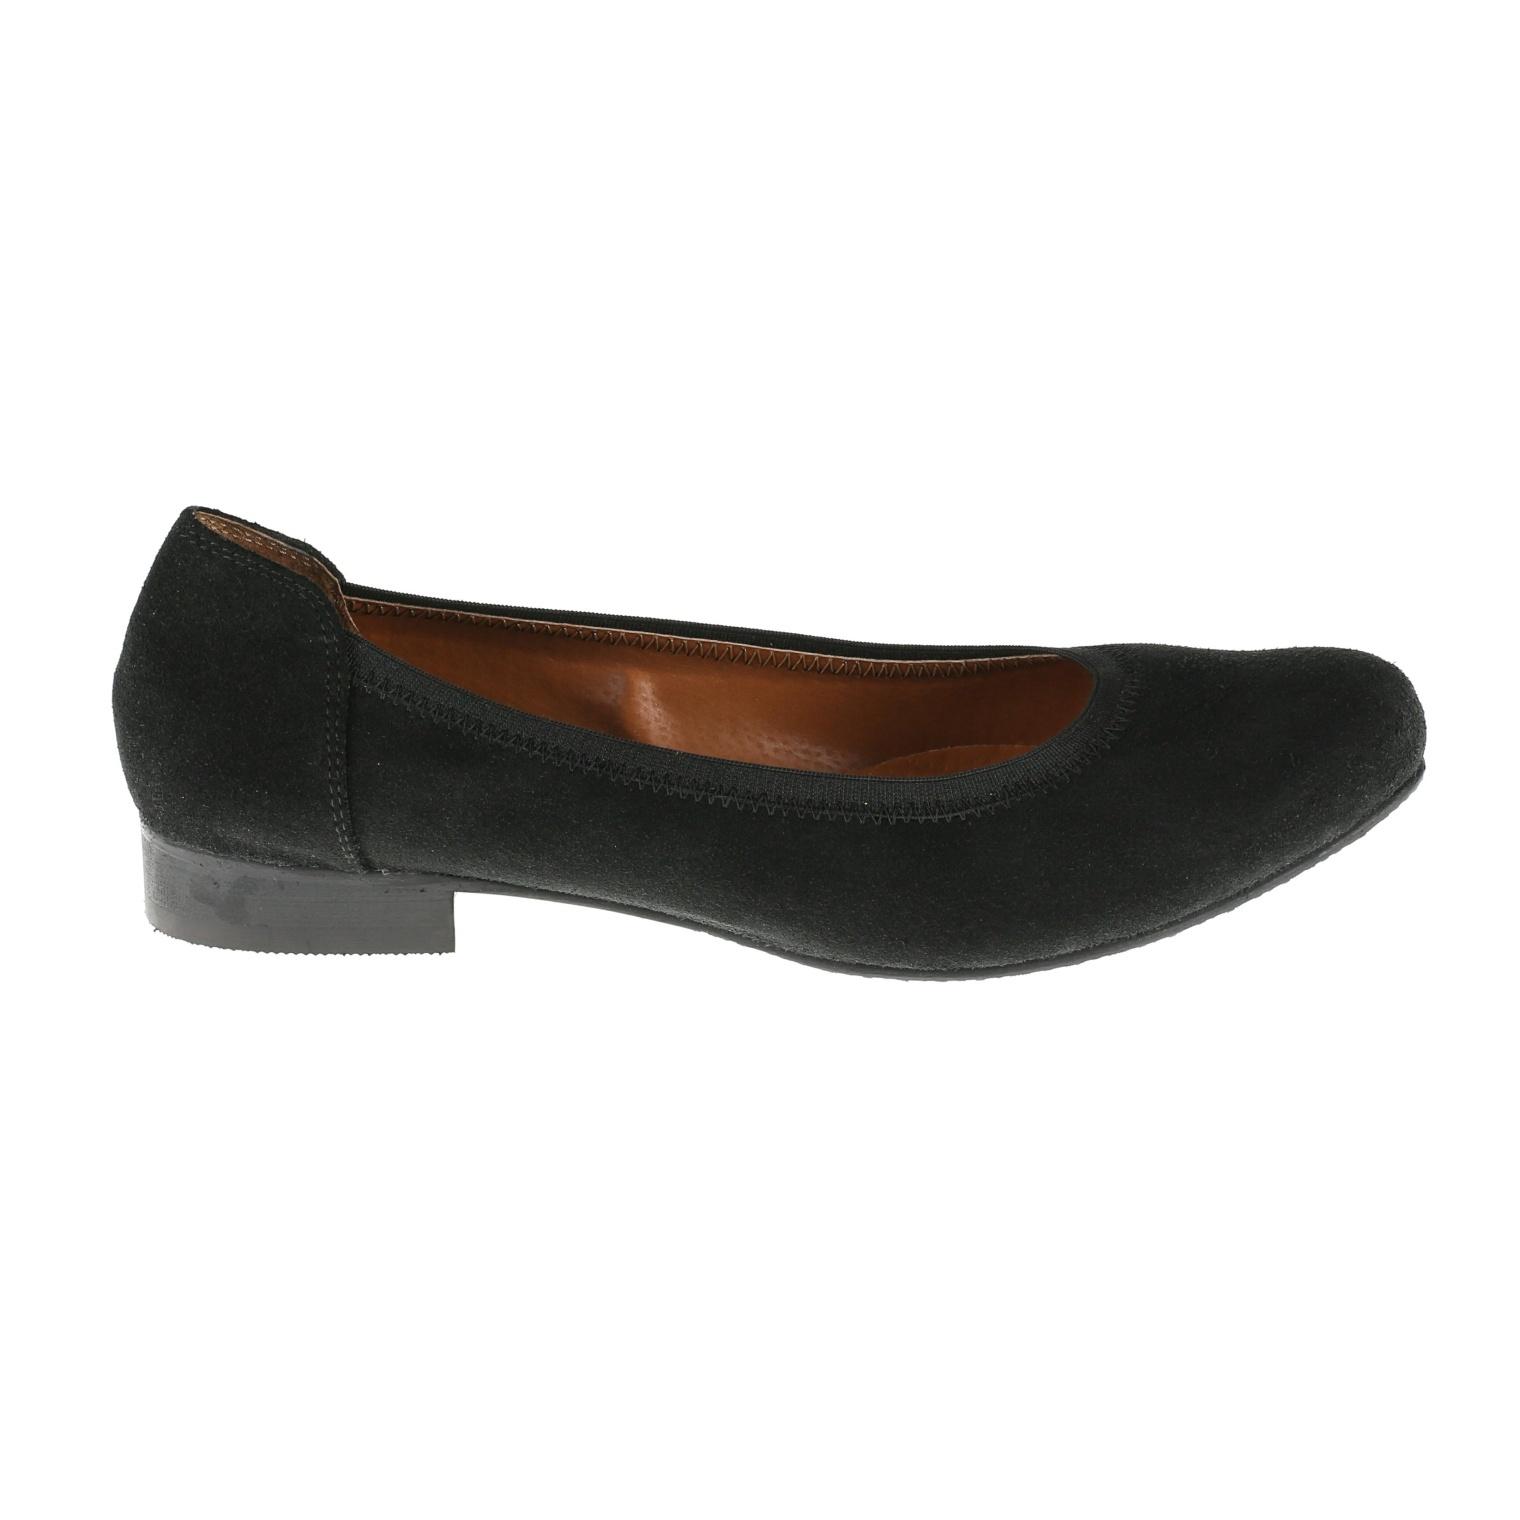 567269 Туфли женские черные замша больших размеров марки Делфино